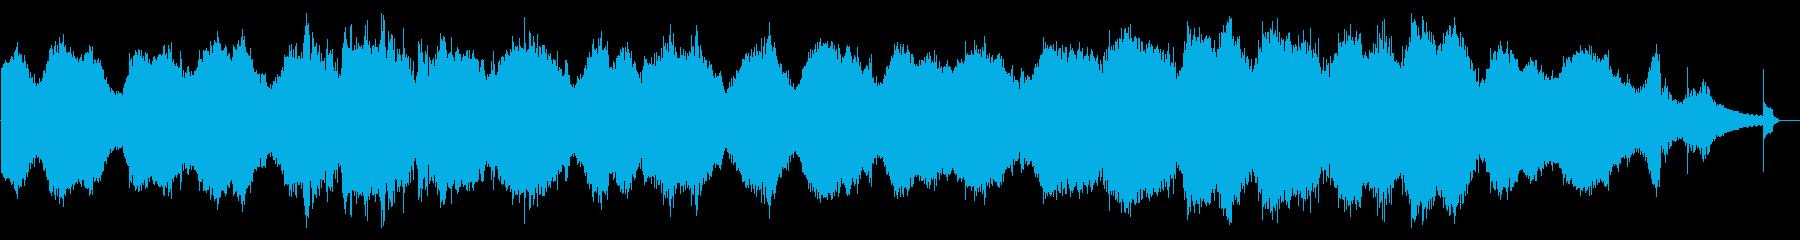 ダークな雰囲気のBGMですの再生済みの波形